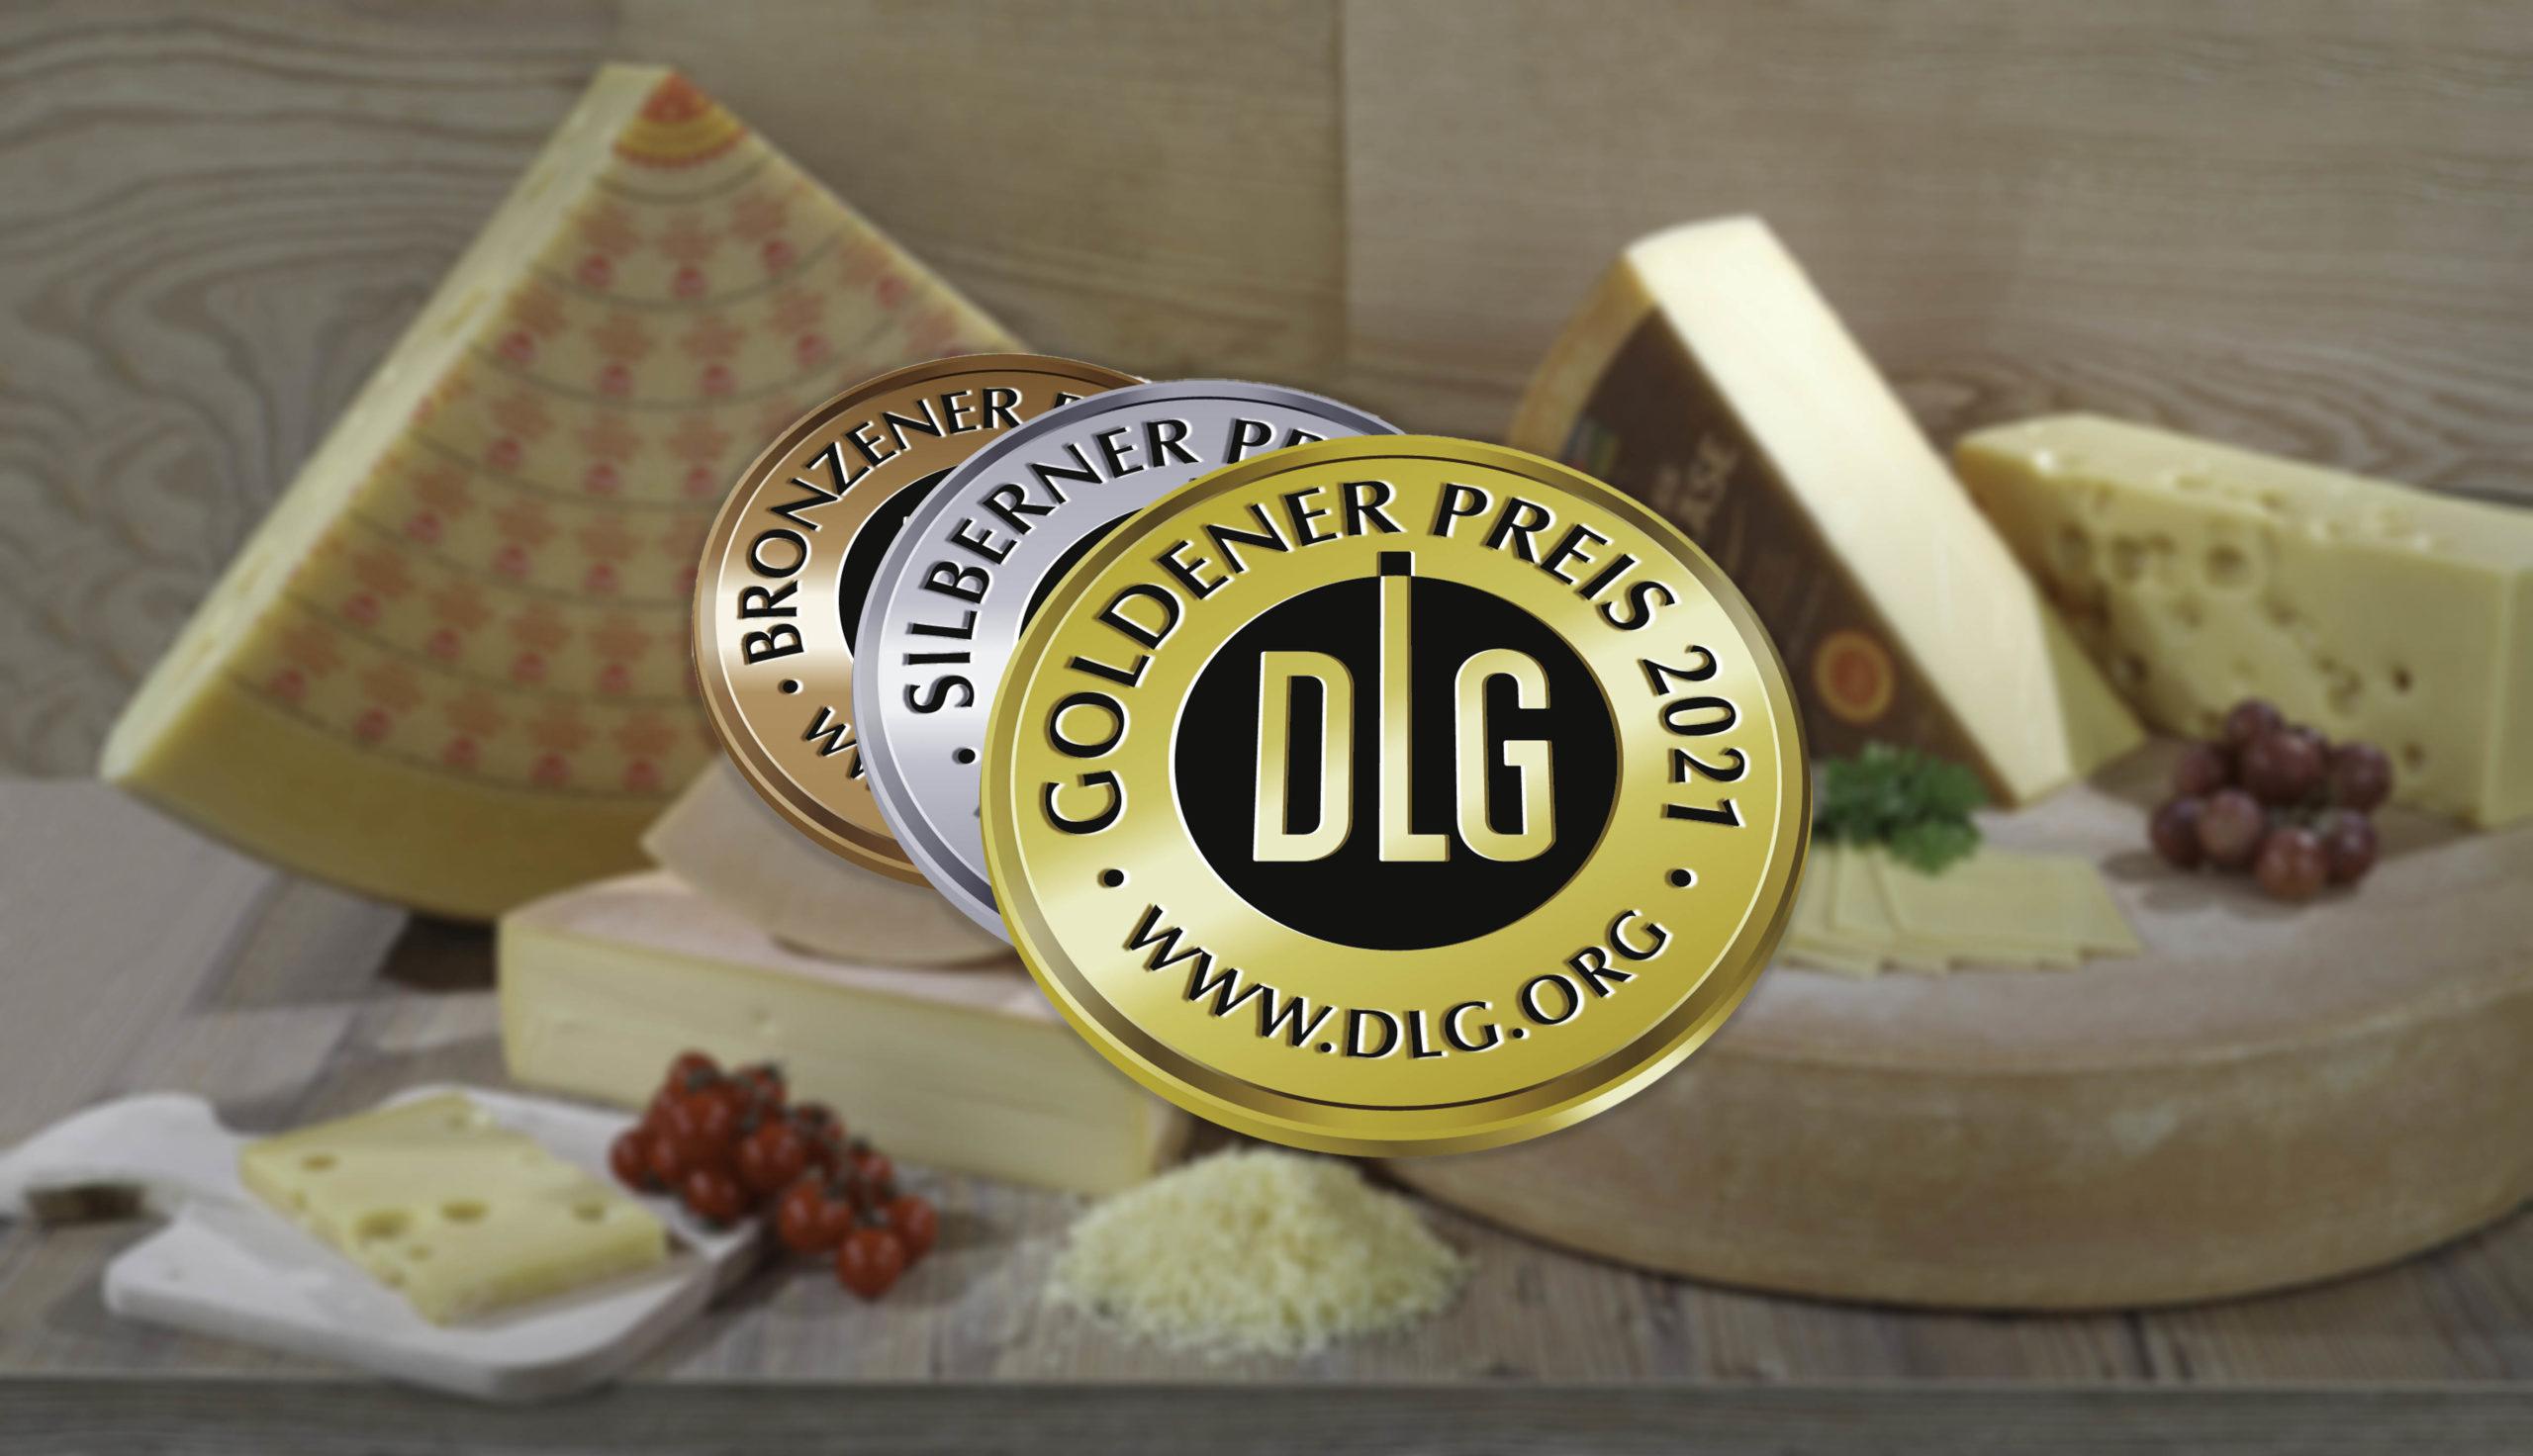 Hohe Produktqualität überzeugt Experten bei DLG-Qualitätsprüfung